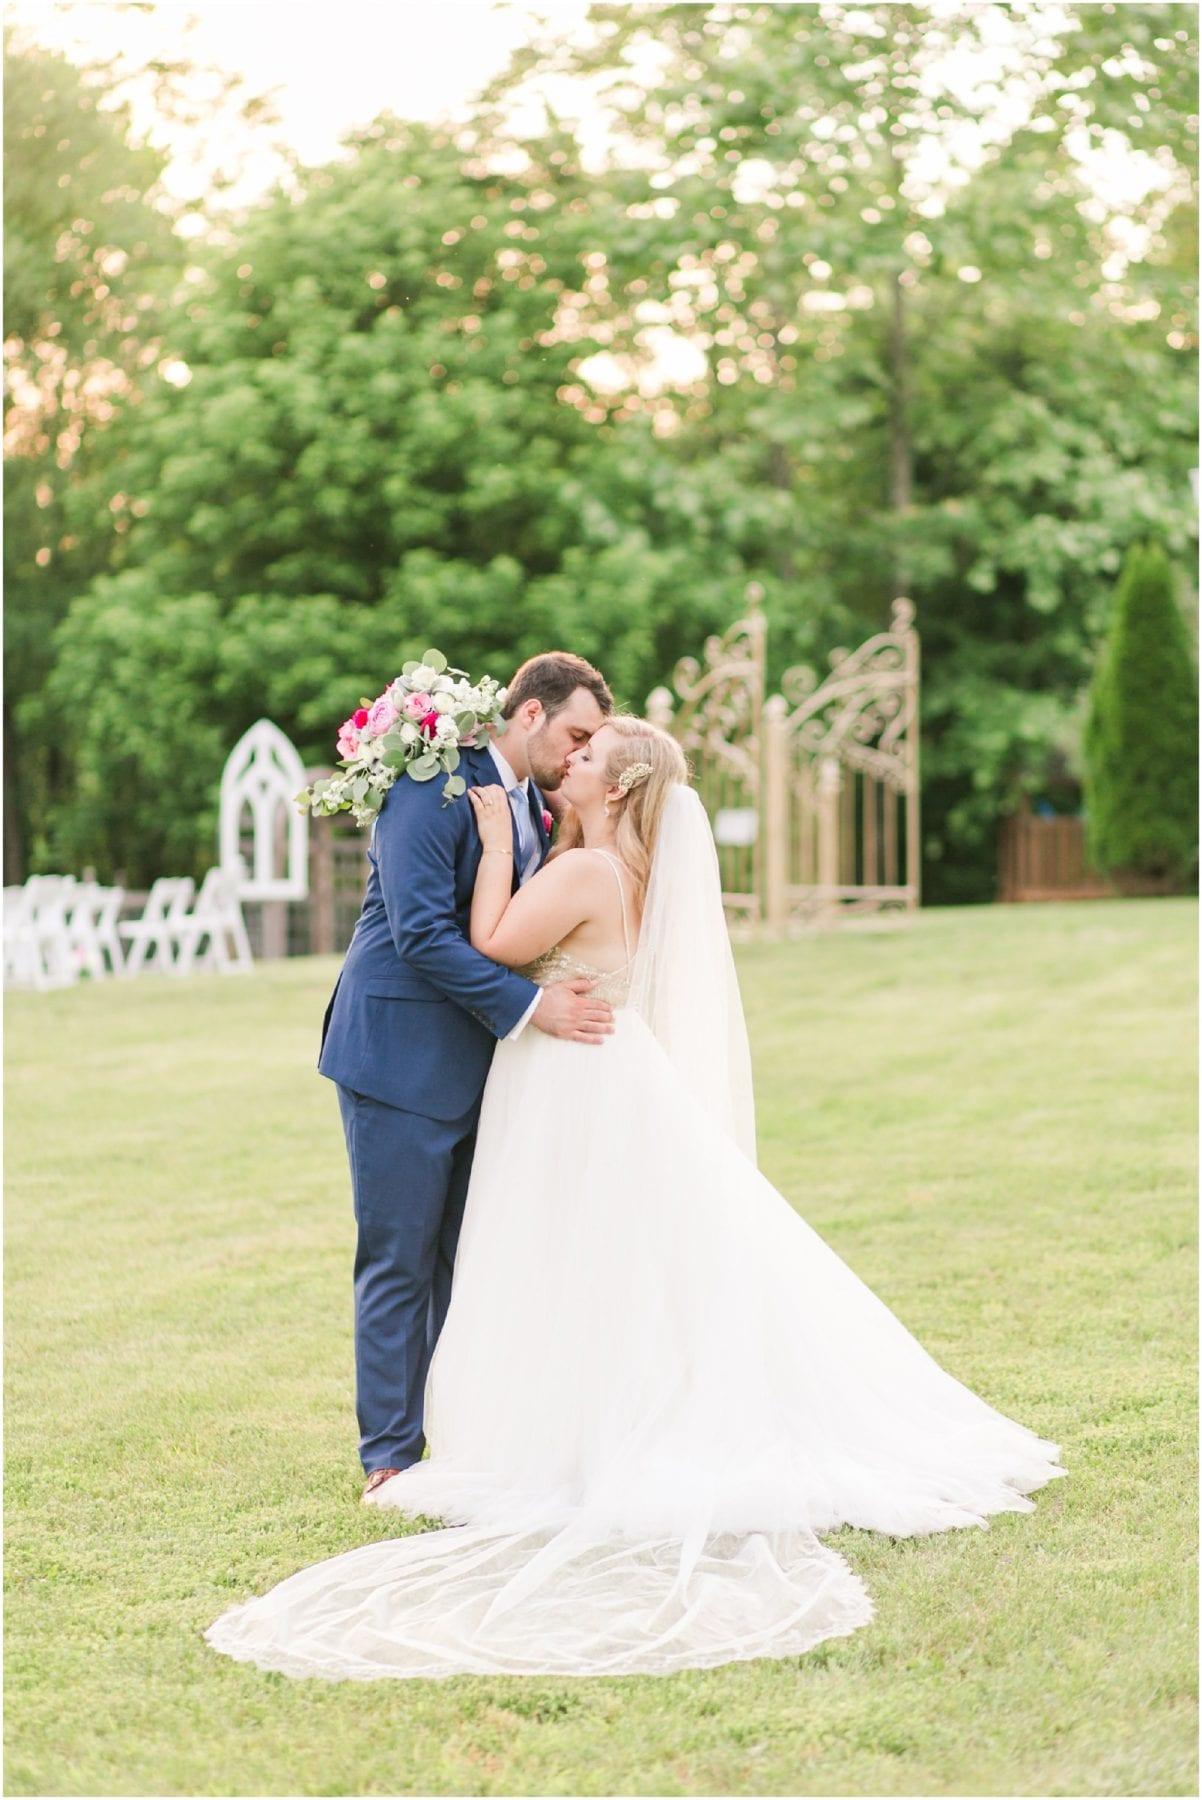 Maryland Backyard Wedding Photos Kelly & Zach Megan Kelsey Photography-259.jpg